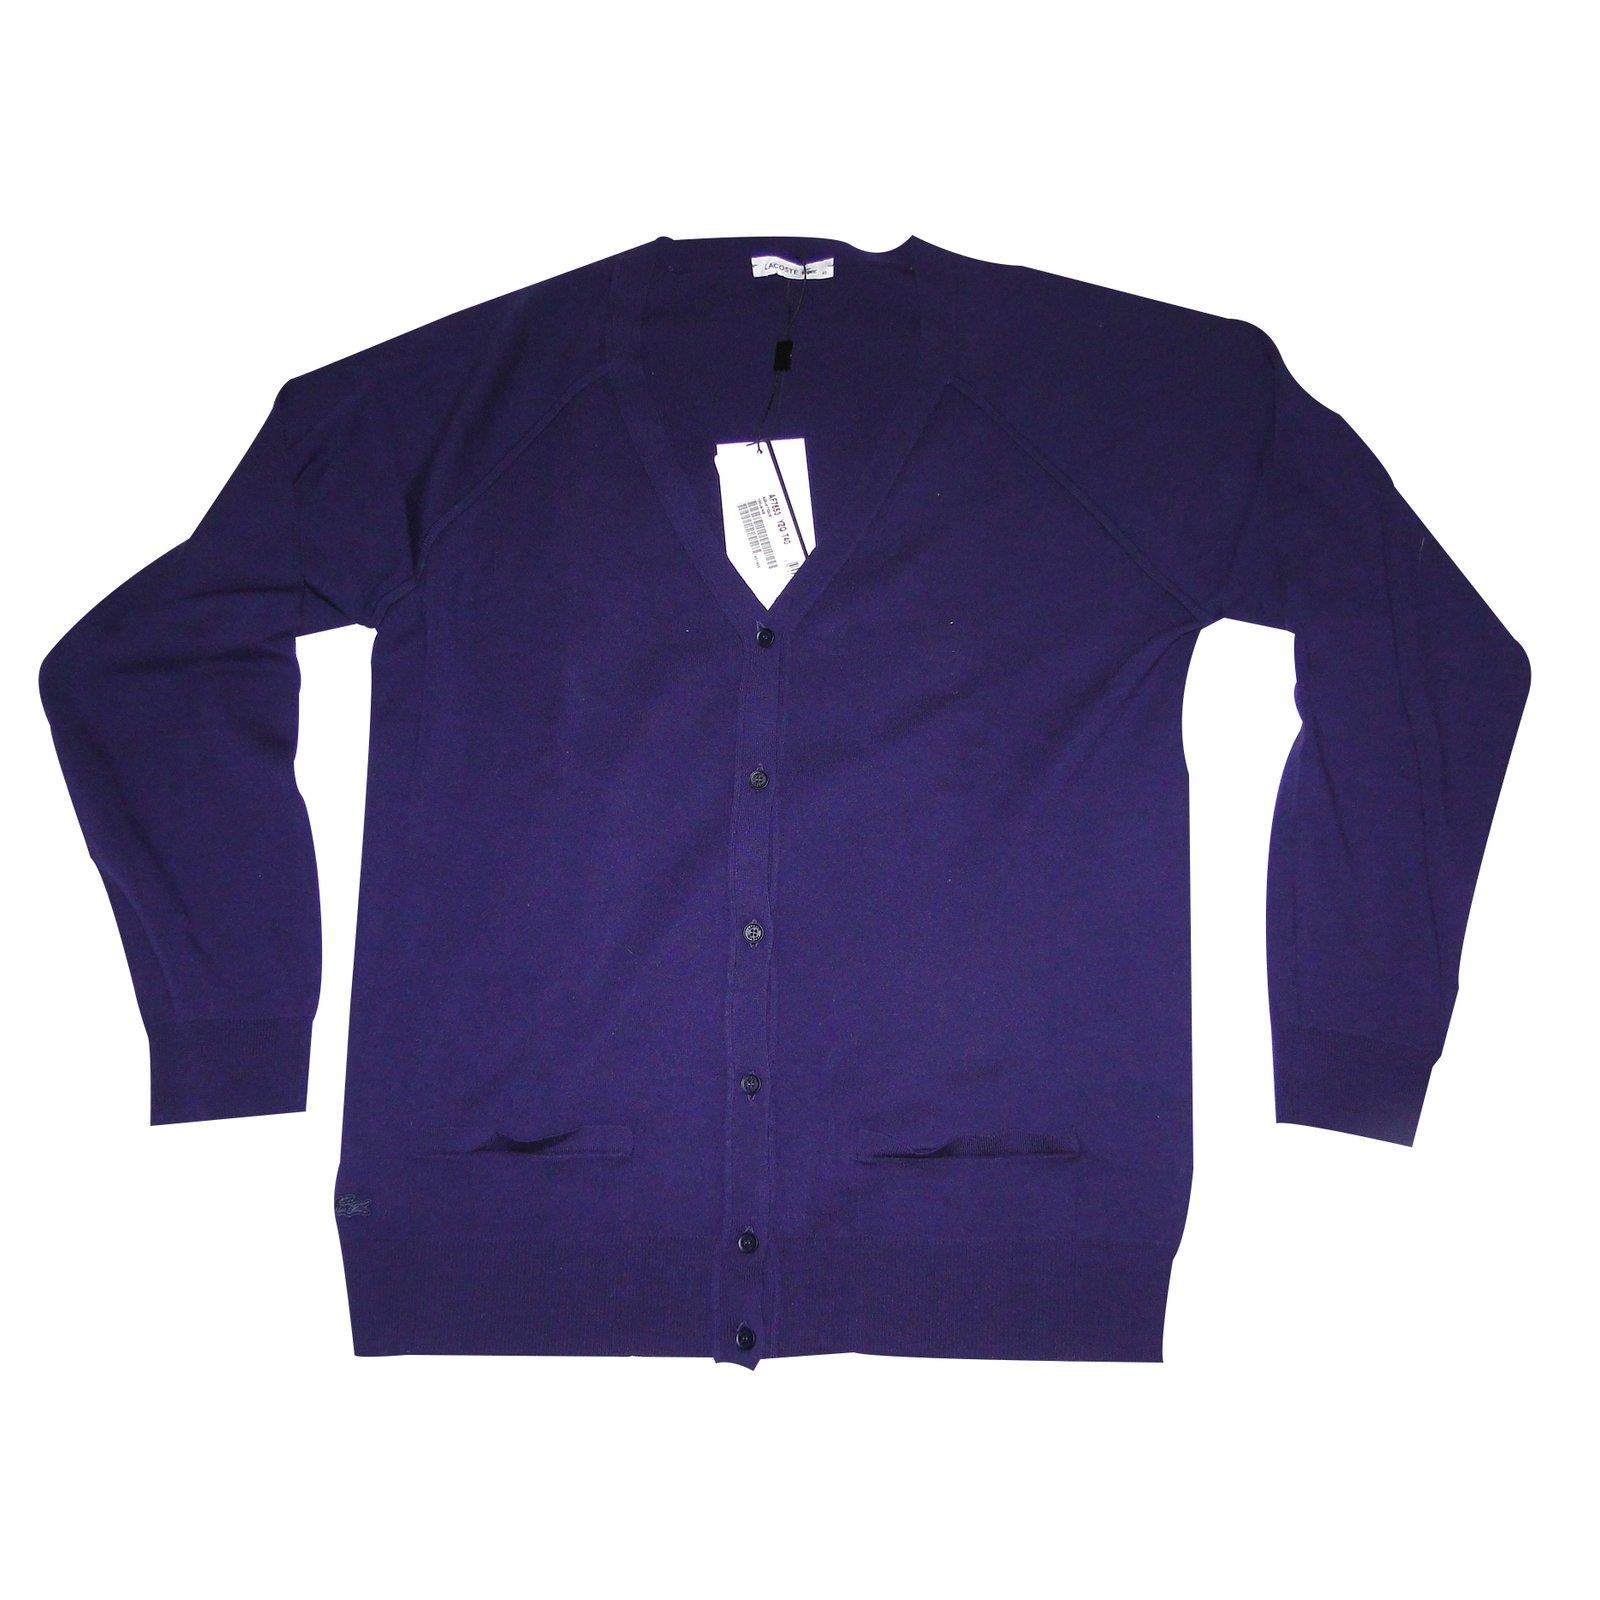 898c4086ef Gilet cardigan lacoste homme - Idée de Costume et vêtement